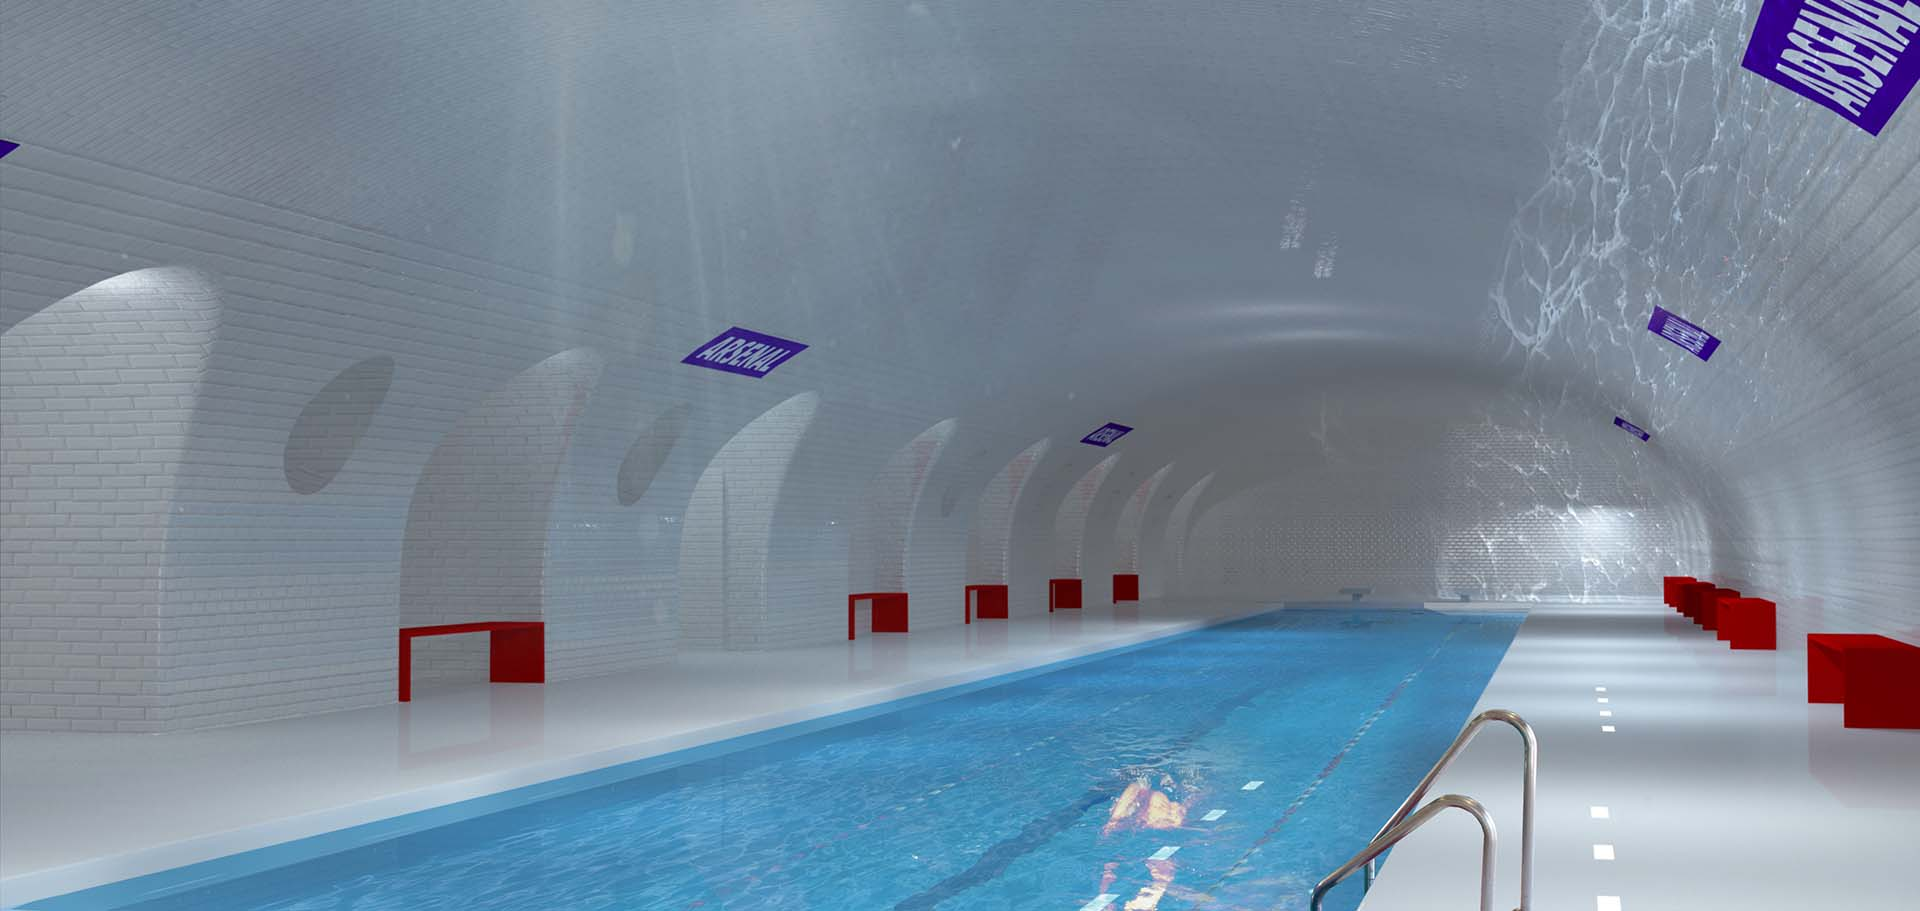 Uma antiga estação do metrô de Paris se transforma em uma piscina pública - esta é uma das propostas inovadora de um escritório de arquitetura francês